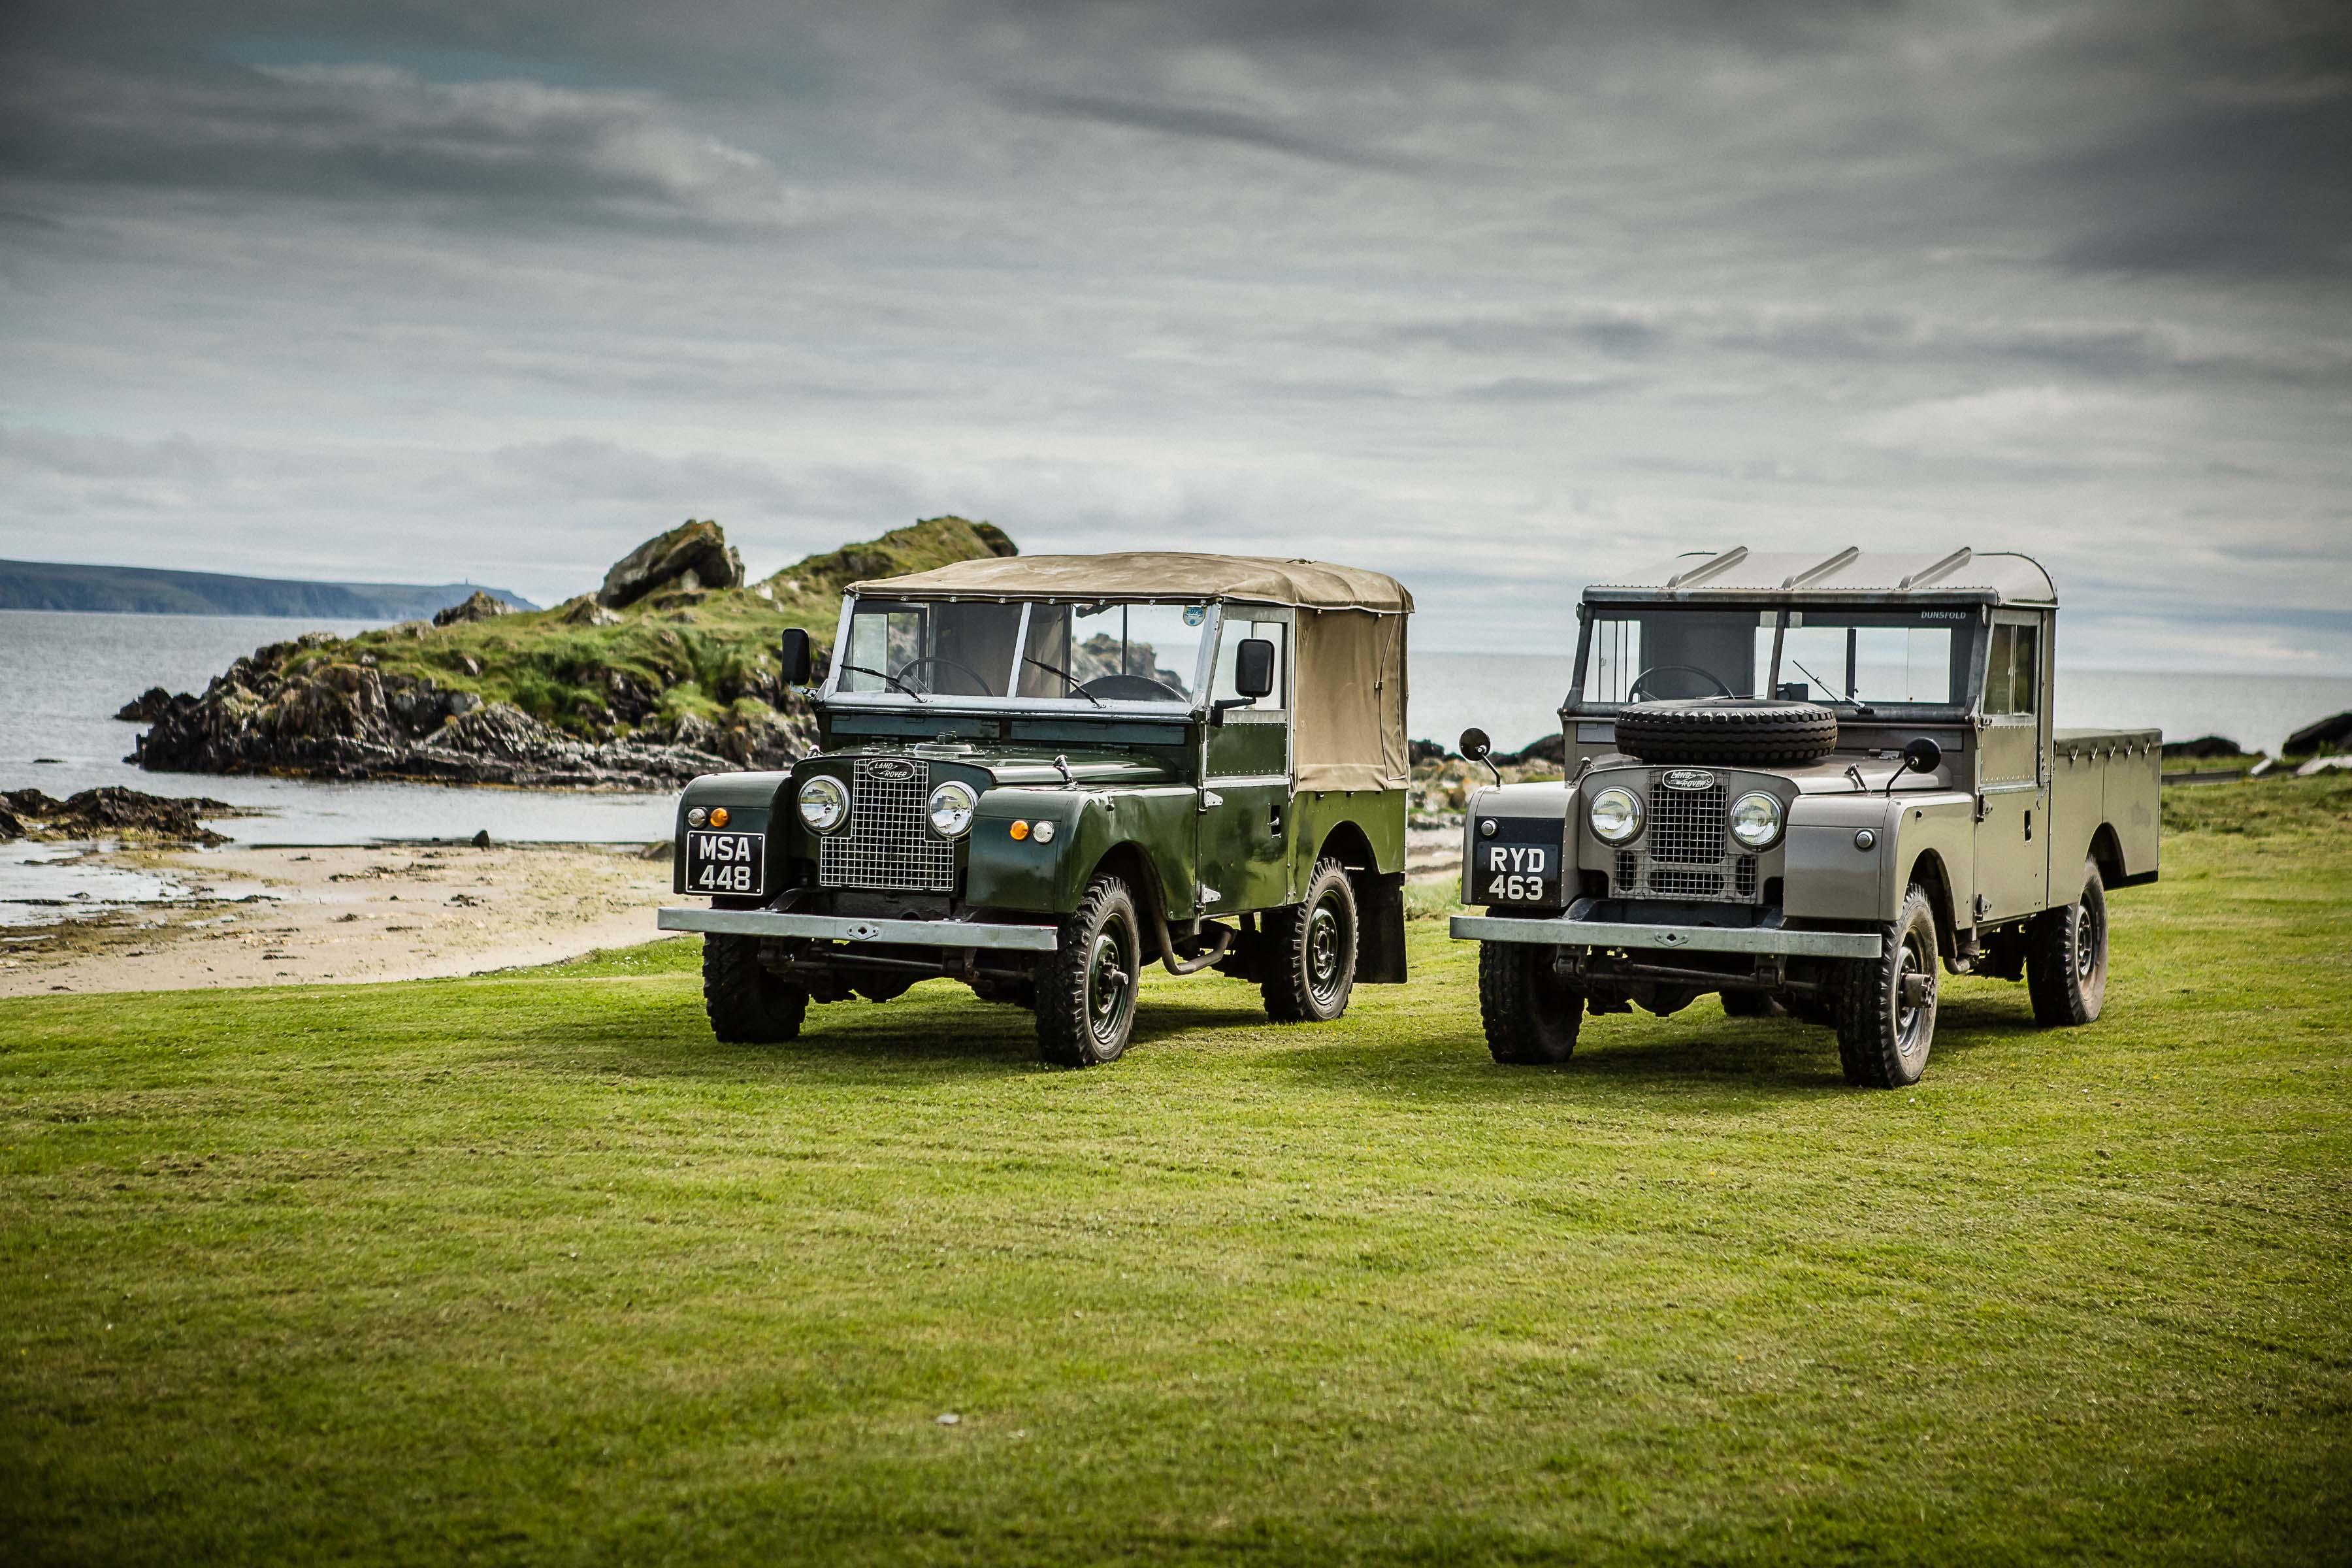 Islay, o local onde nasceu o nome Land Rover